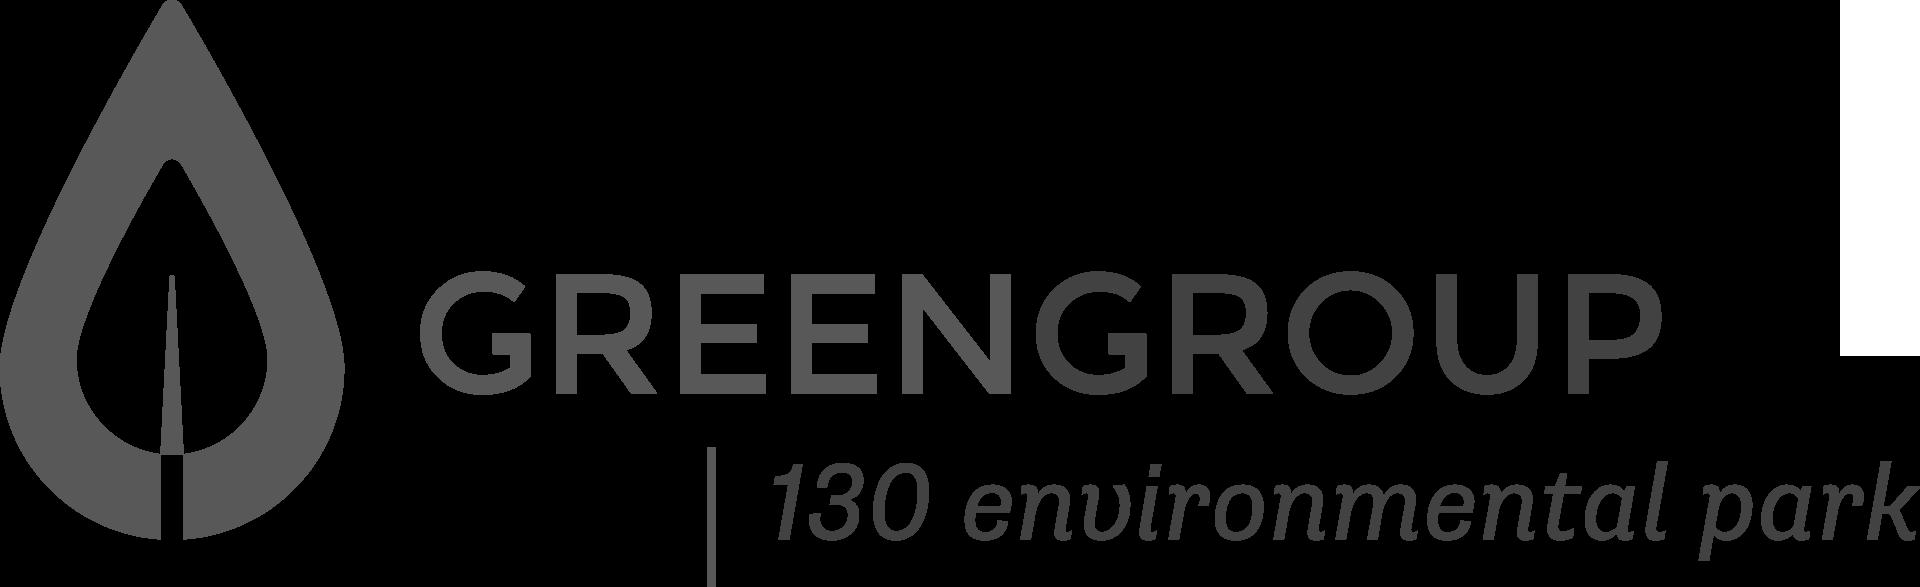 GGH130.png